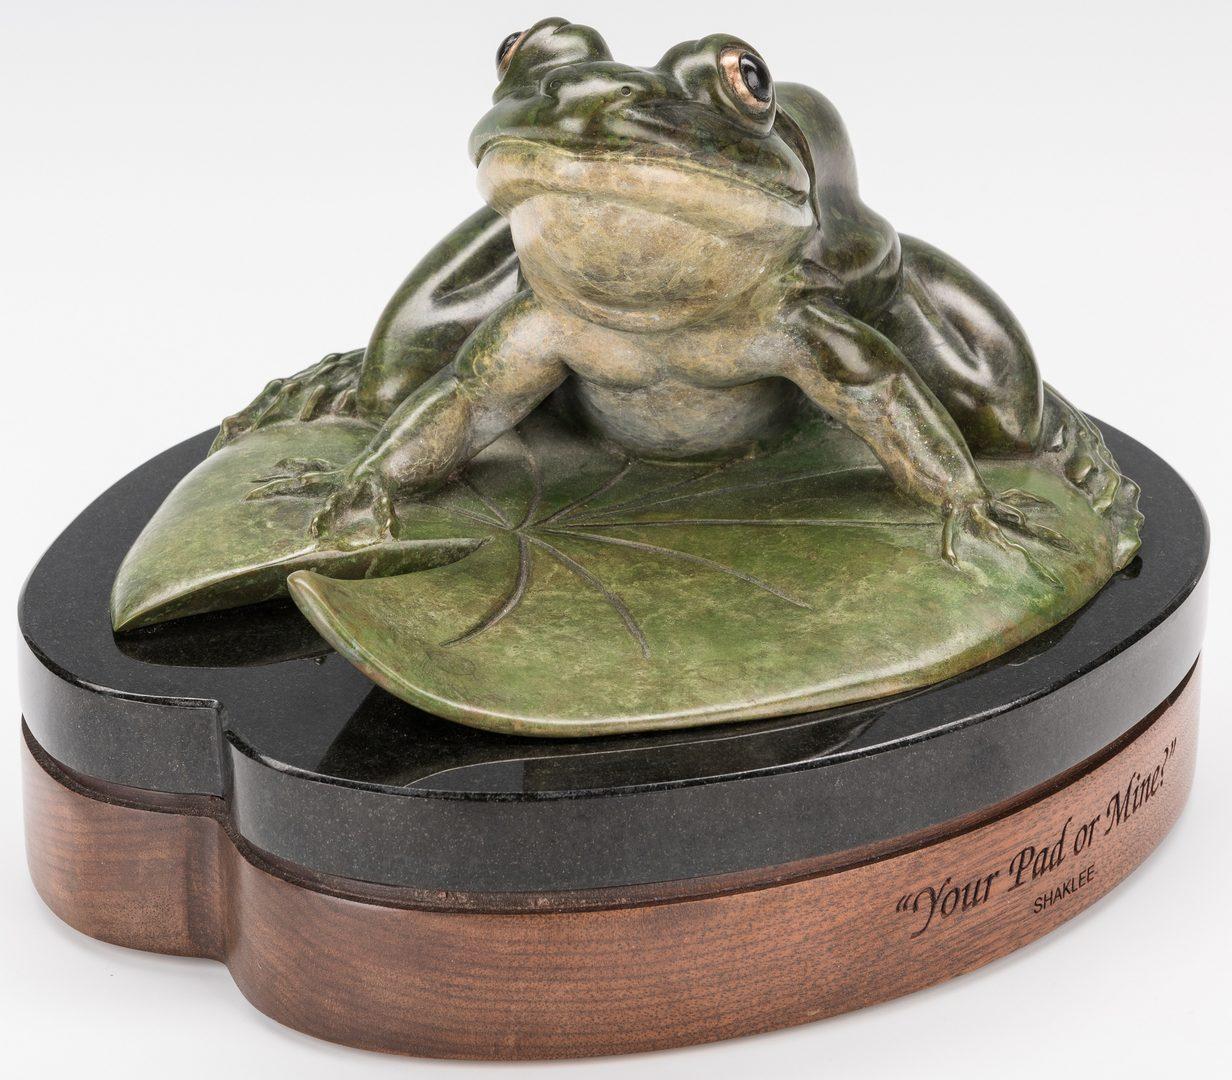 Lot 139: Kim Shaklee Bronze Frog Sculpture